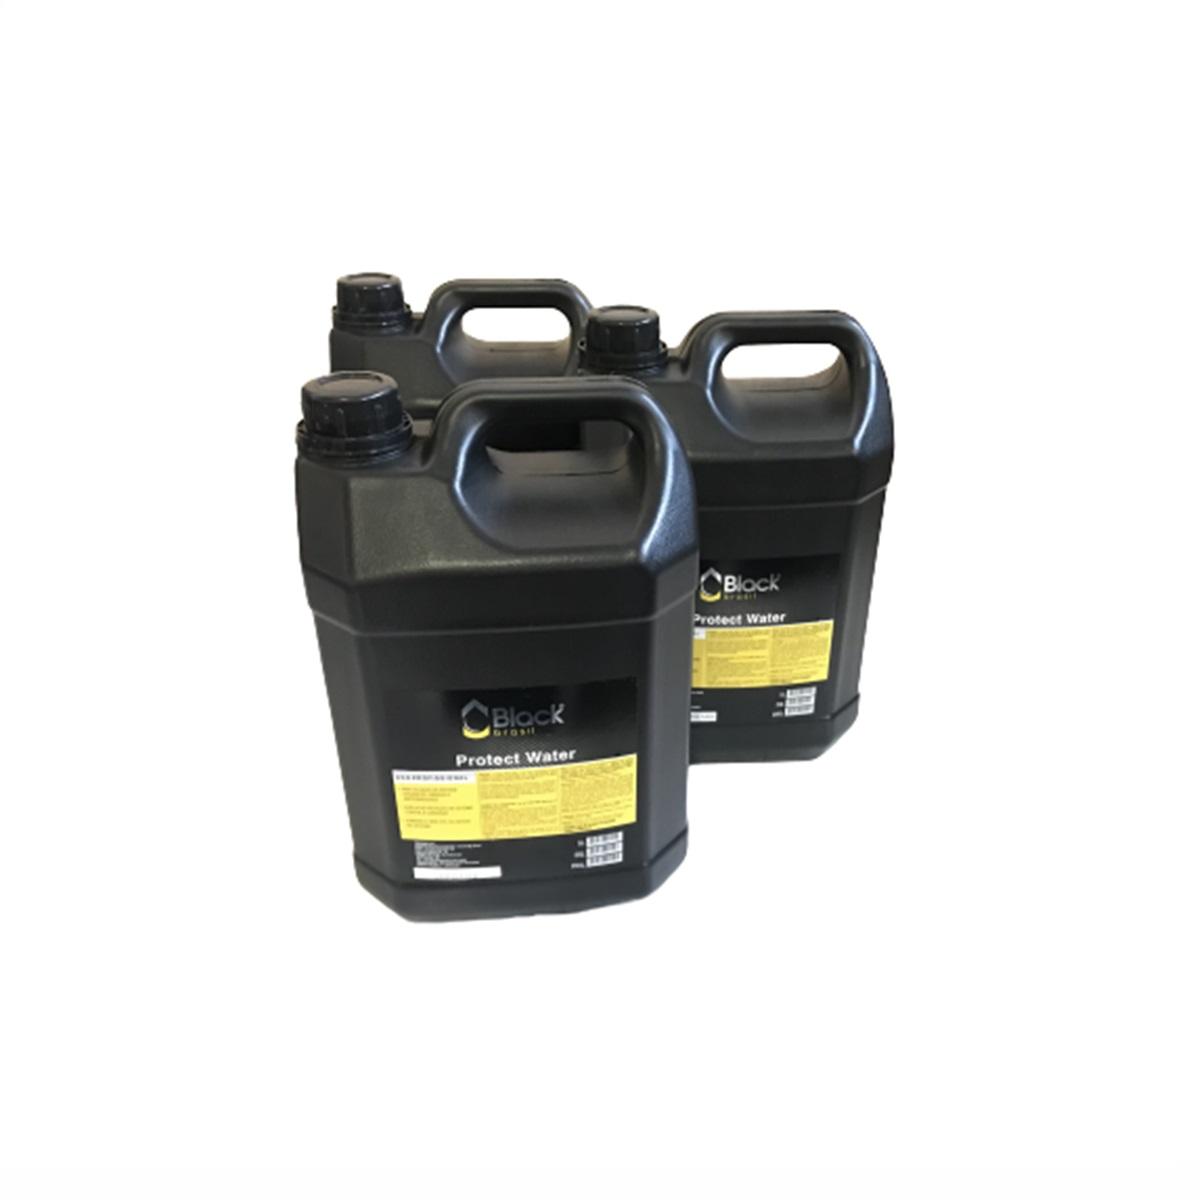 Protect Water Água Desmineralizada Black 5lts Kit Com 3 Unidades